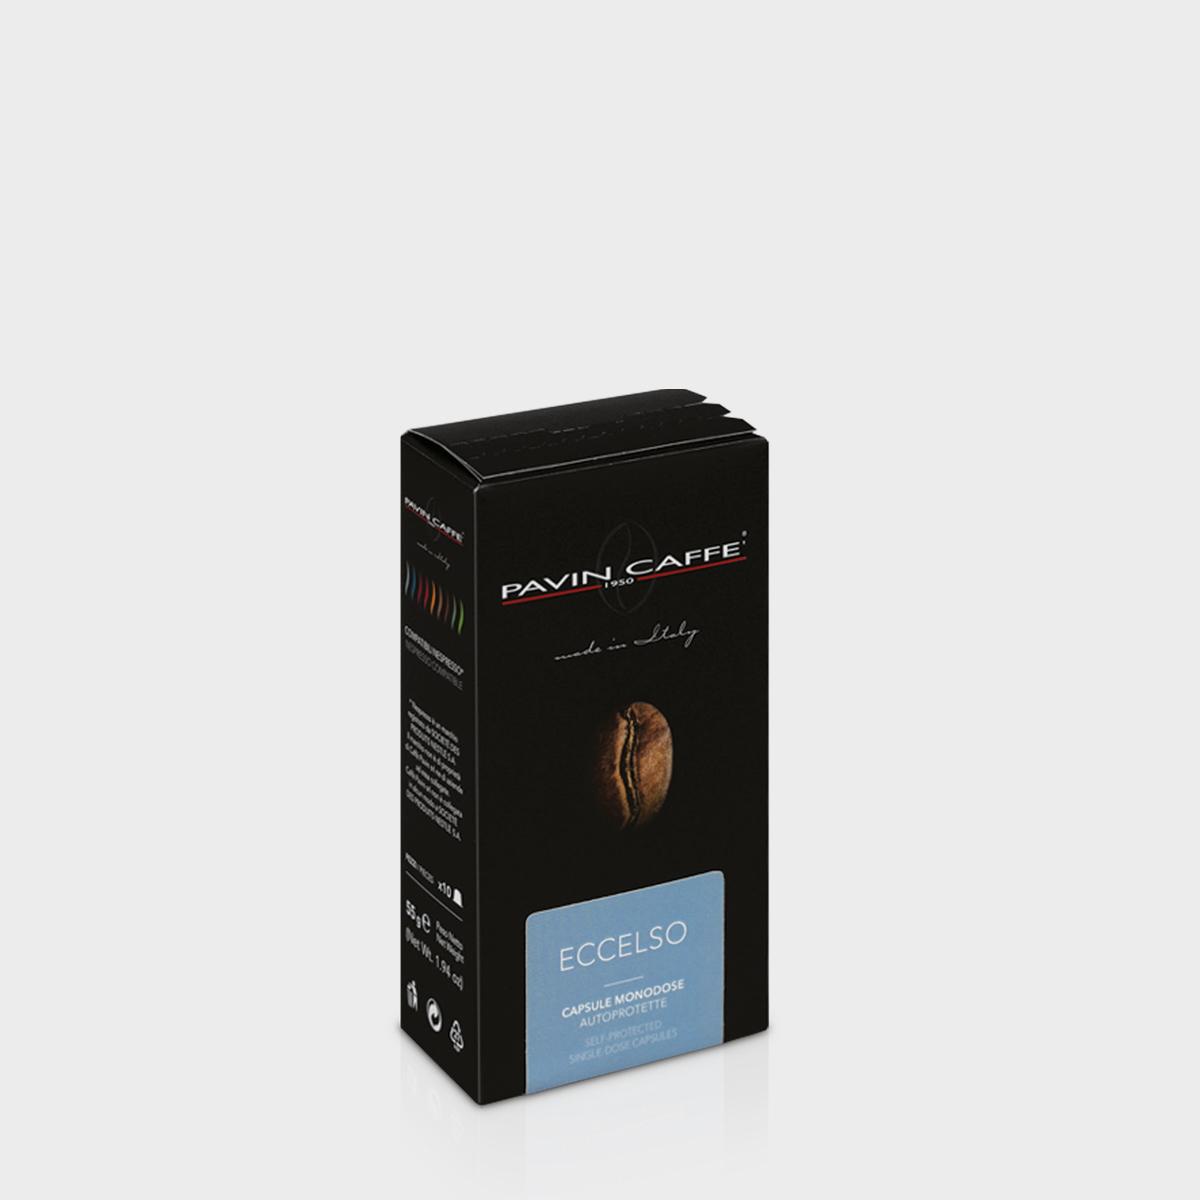 pavin-caffe-capsule-monodose-compatibili-nespresso-colombia